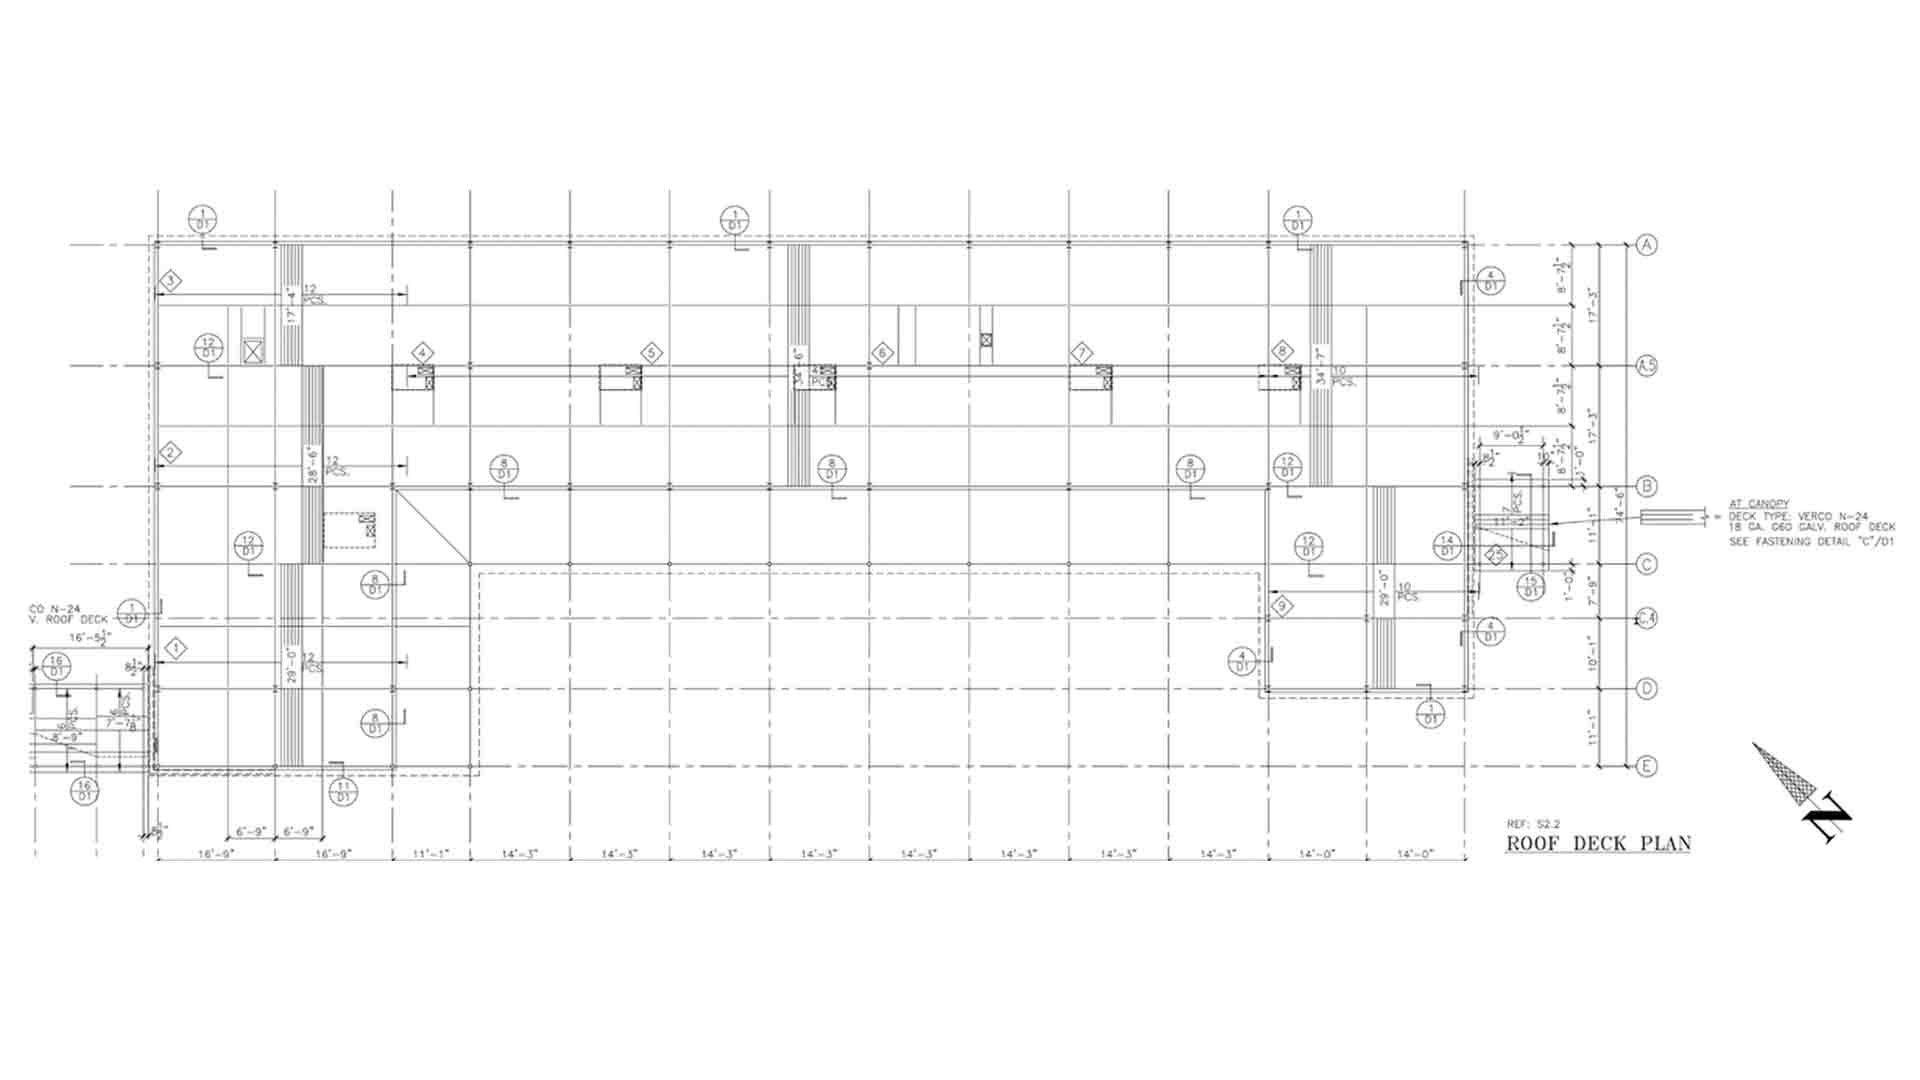 shop-drawings-roof-deck